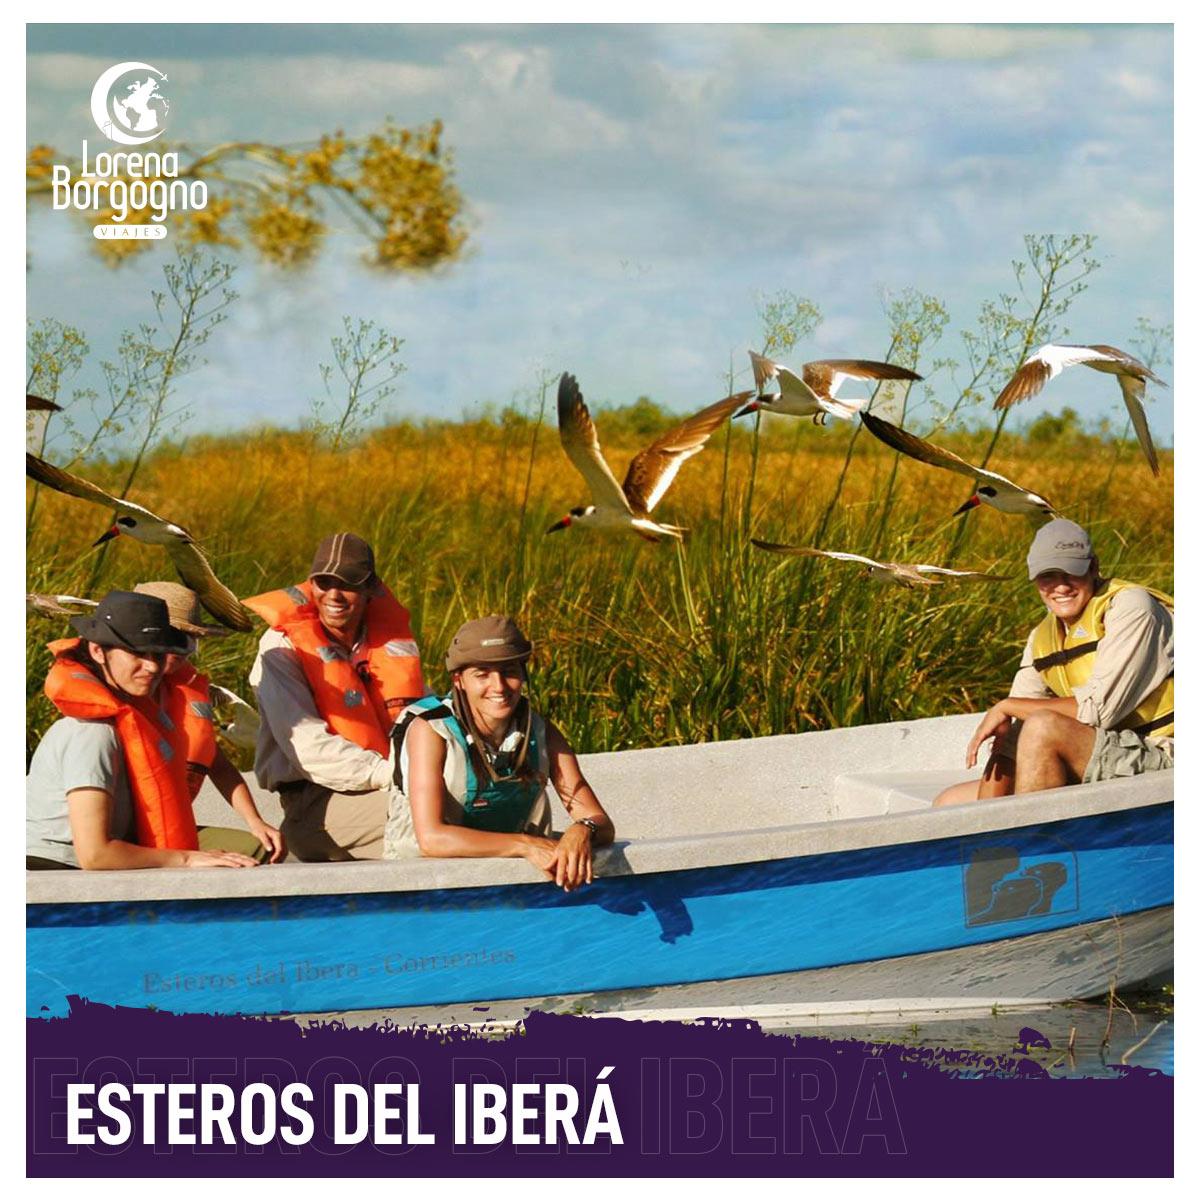 ESTEROS DEL IBERÁ (IT)